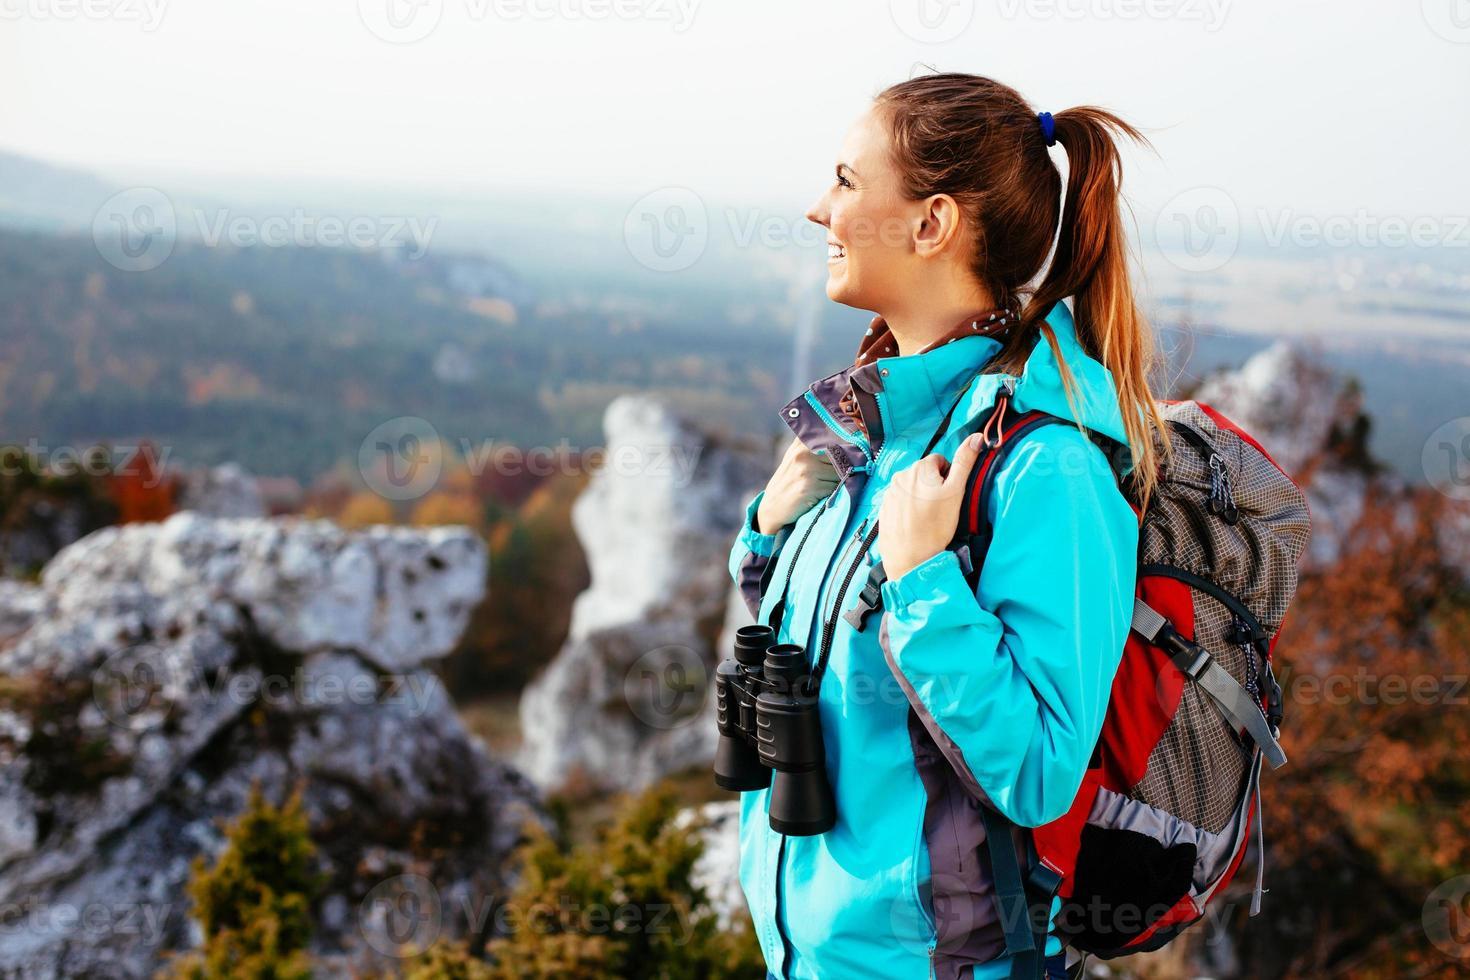 la natura e le escursioni mi rendono felice! foto